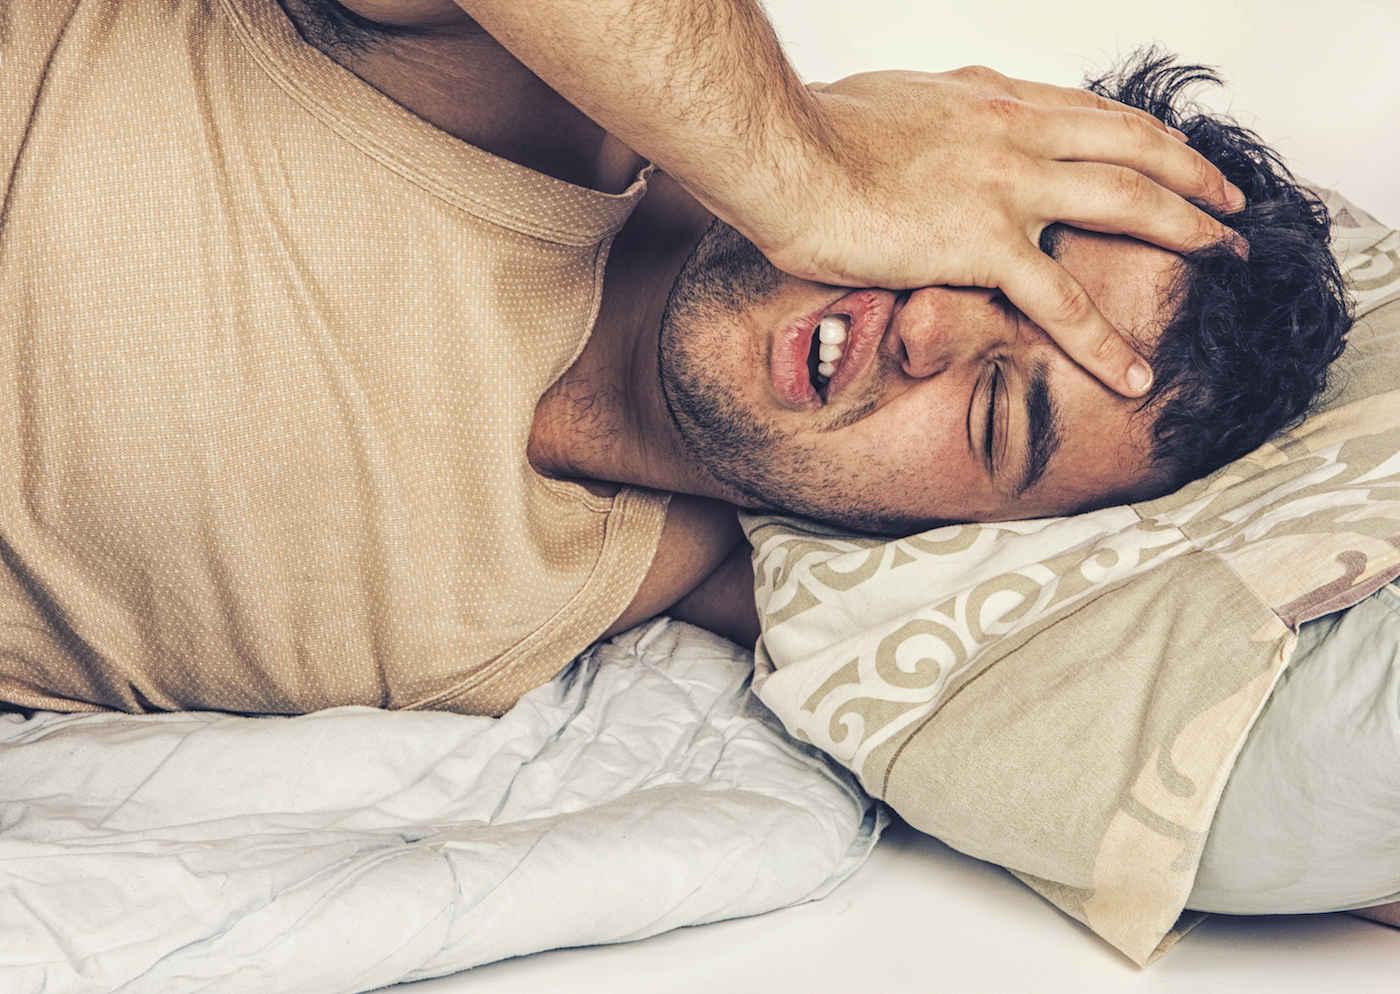 Как уснуть с похмелья: традиционные и нетрадиционные методы